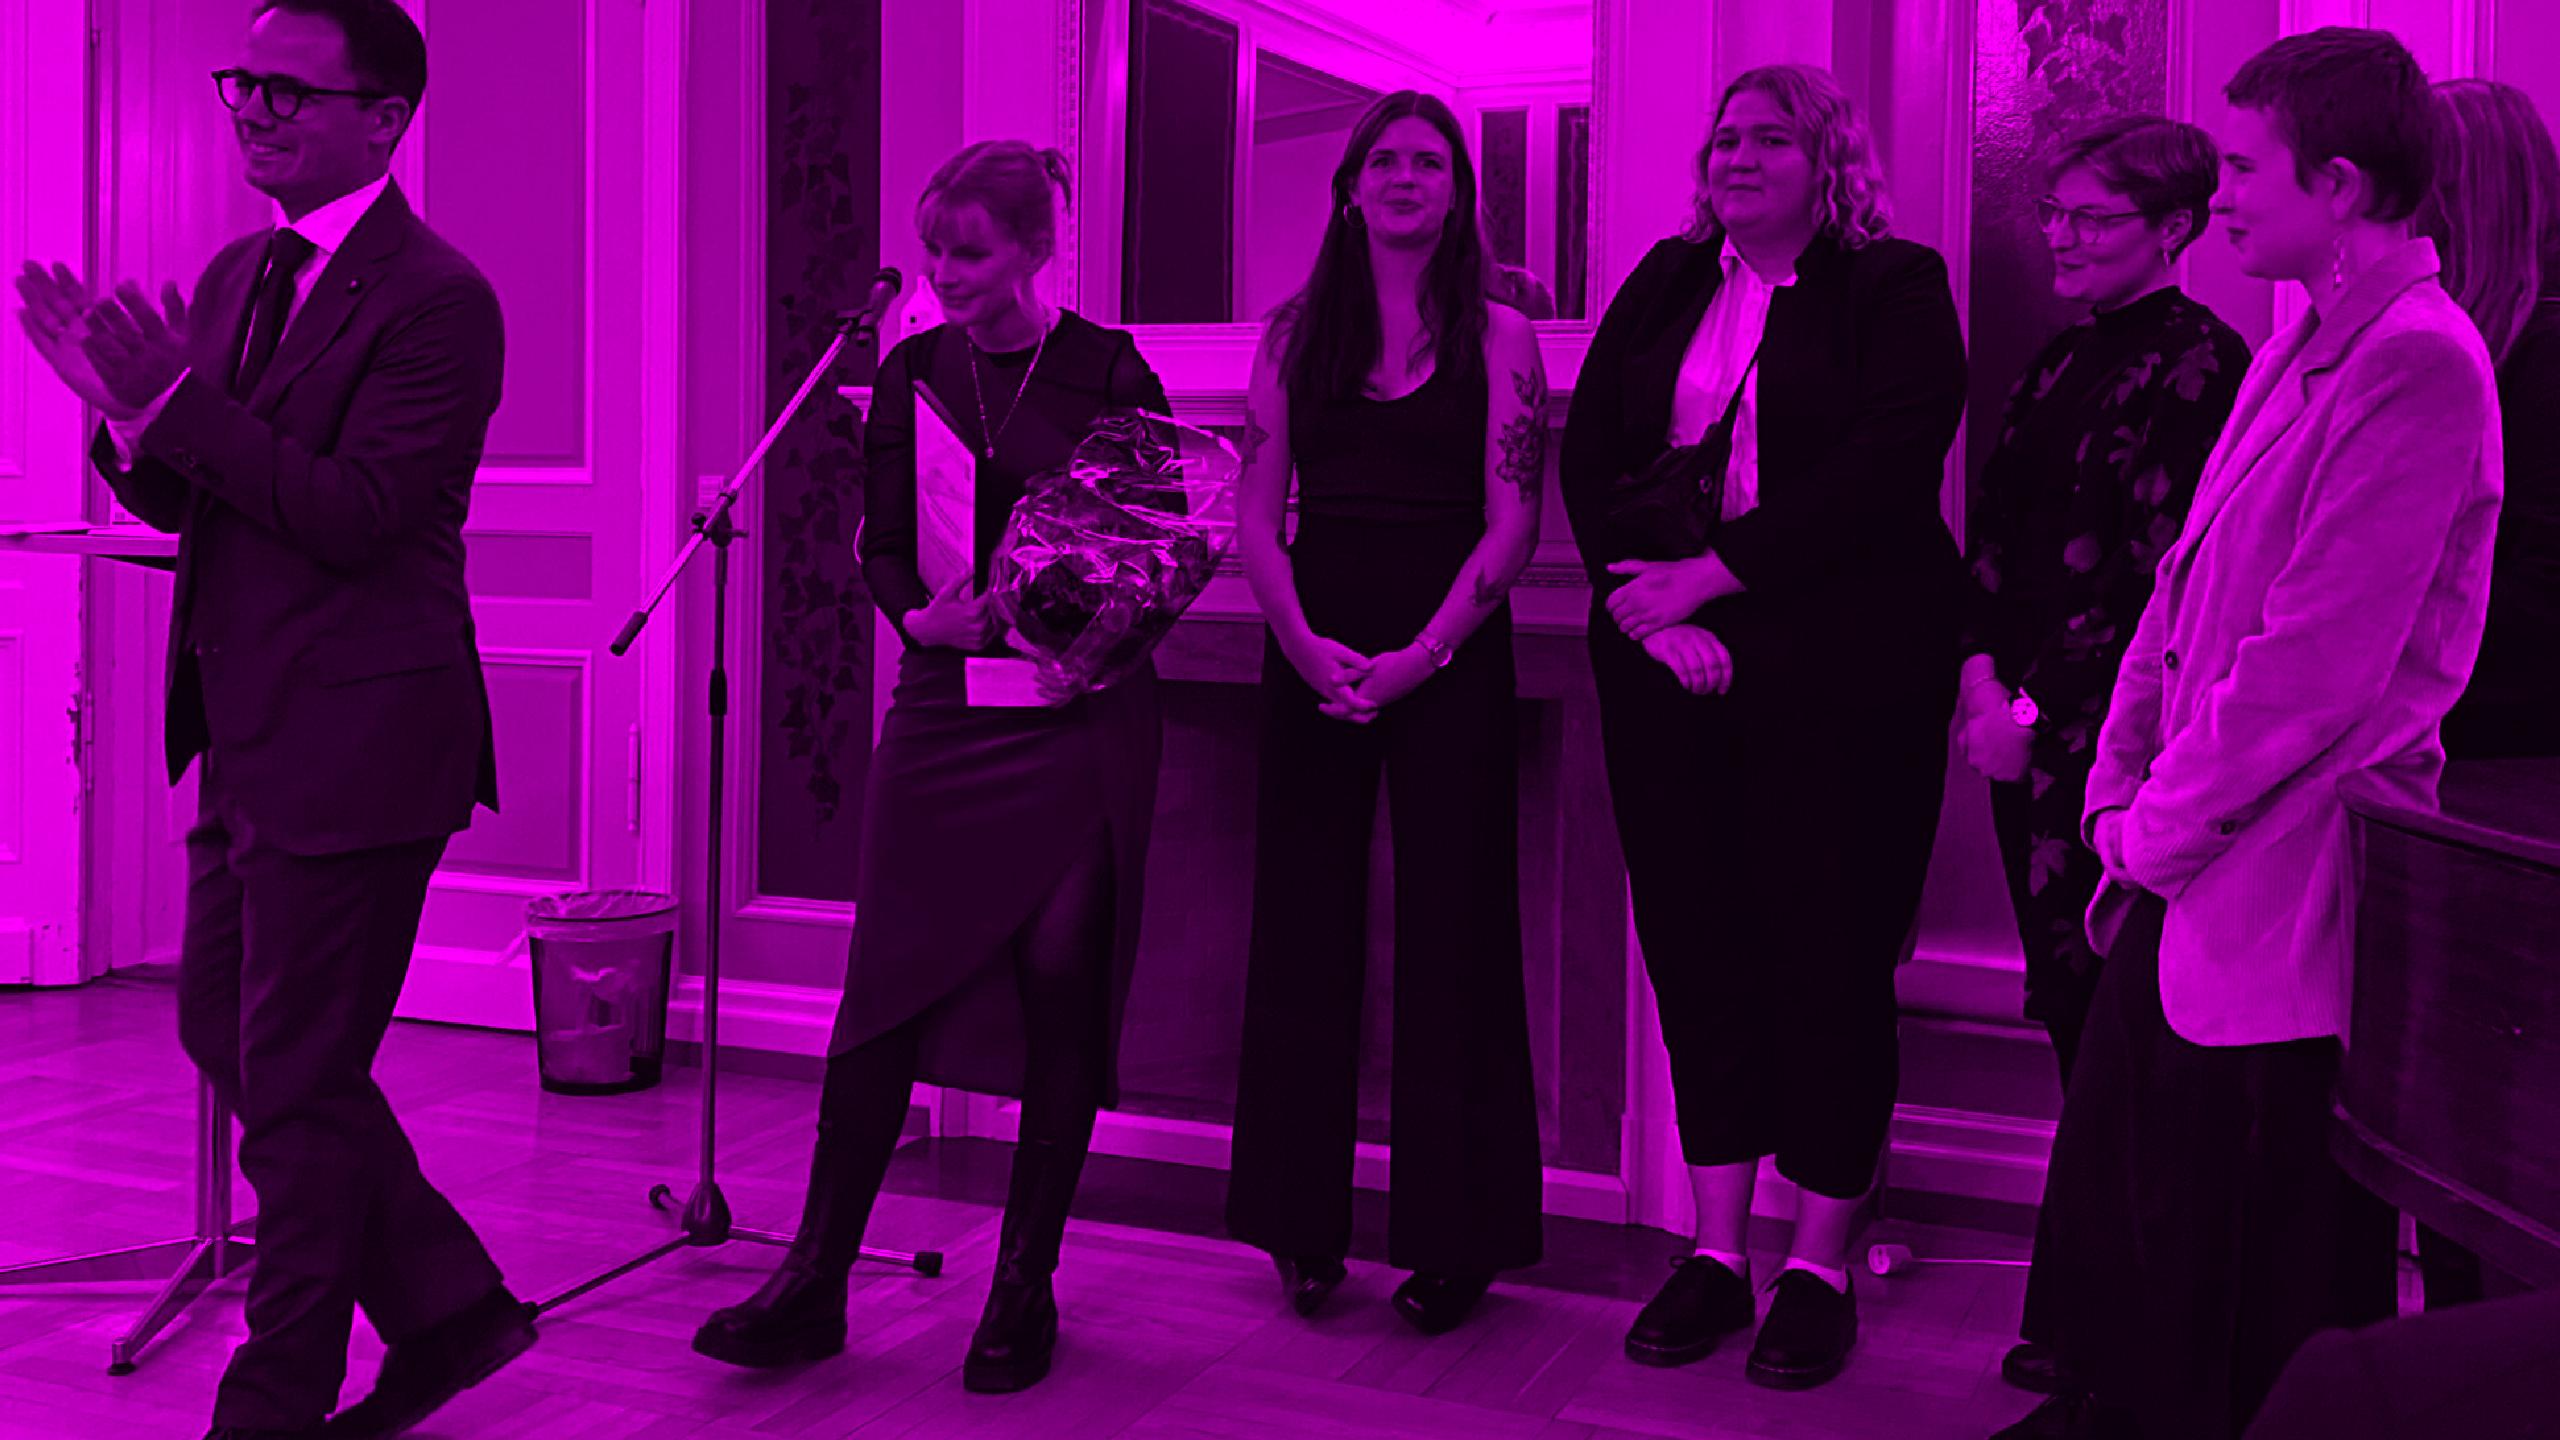 Frivillige fra AURA København ved prisoverrækkelse på Frederiksberg Rådhus